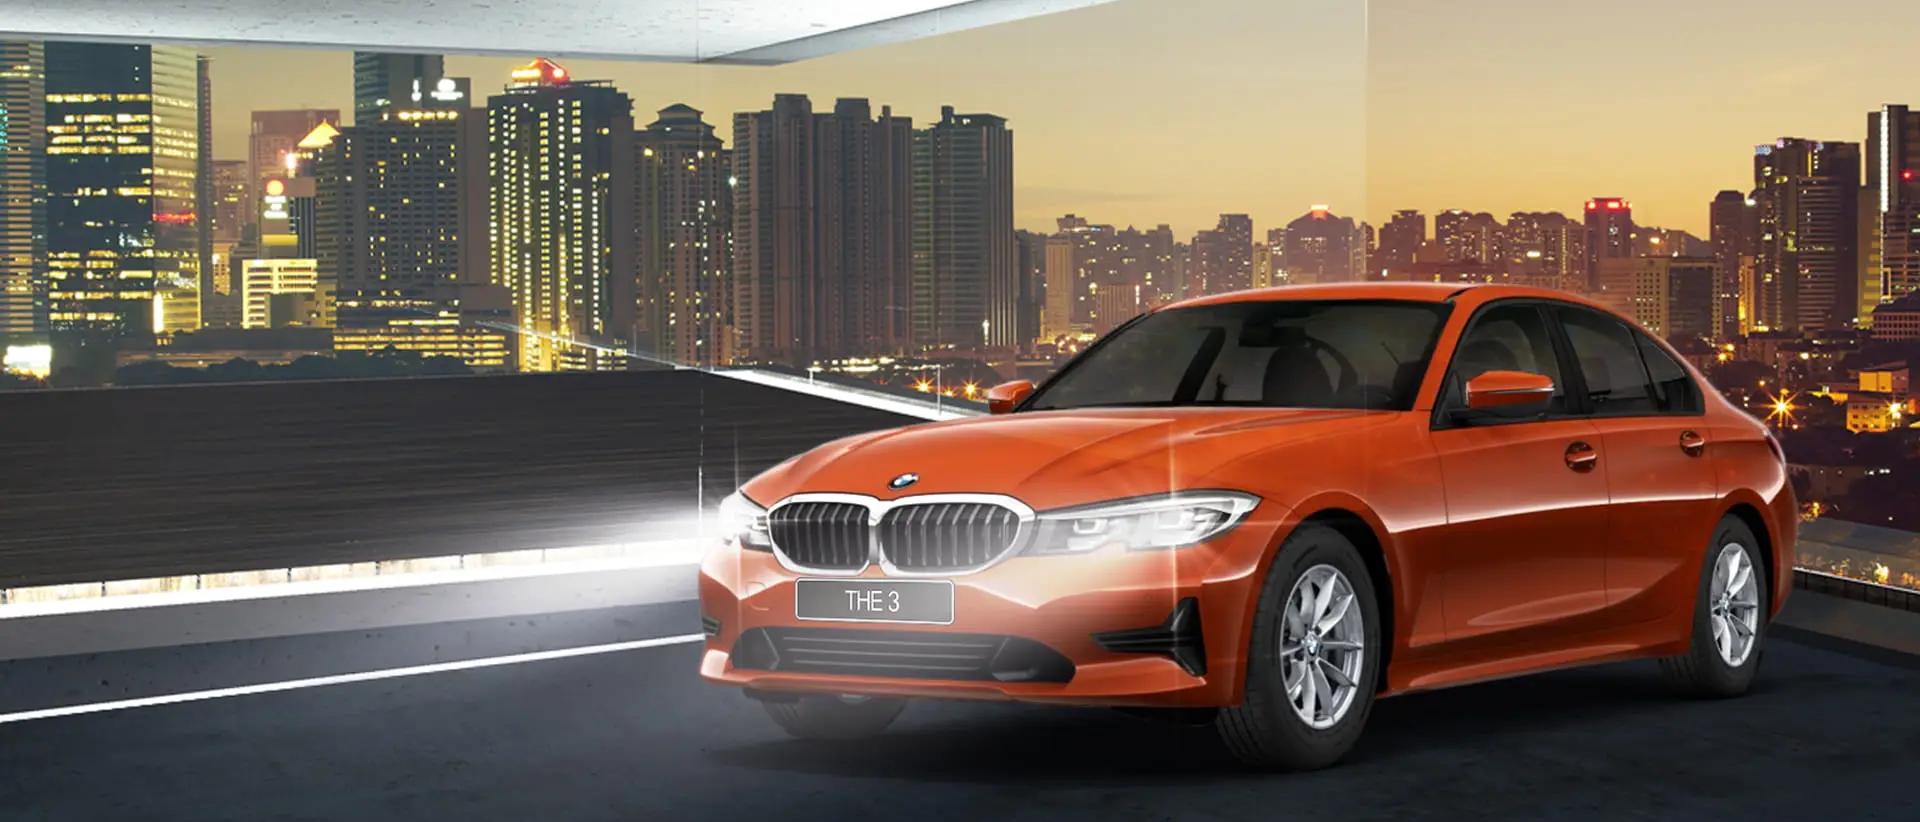 Купить BMW X3 III (G01) РЕСТАЙЛИНГ 2021 ГОДА в Москве в автосалоне официального дилера BMW Автодом Внуково